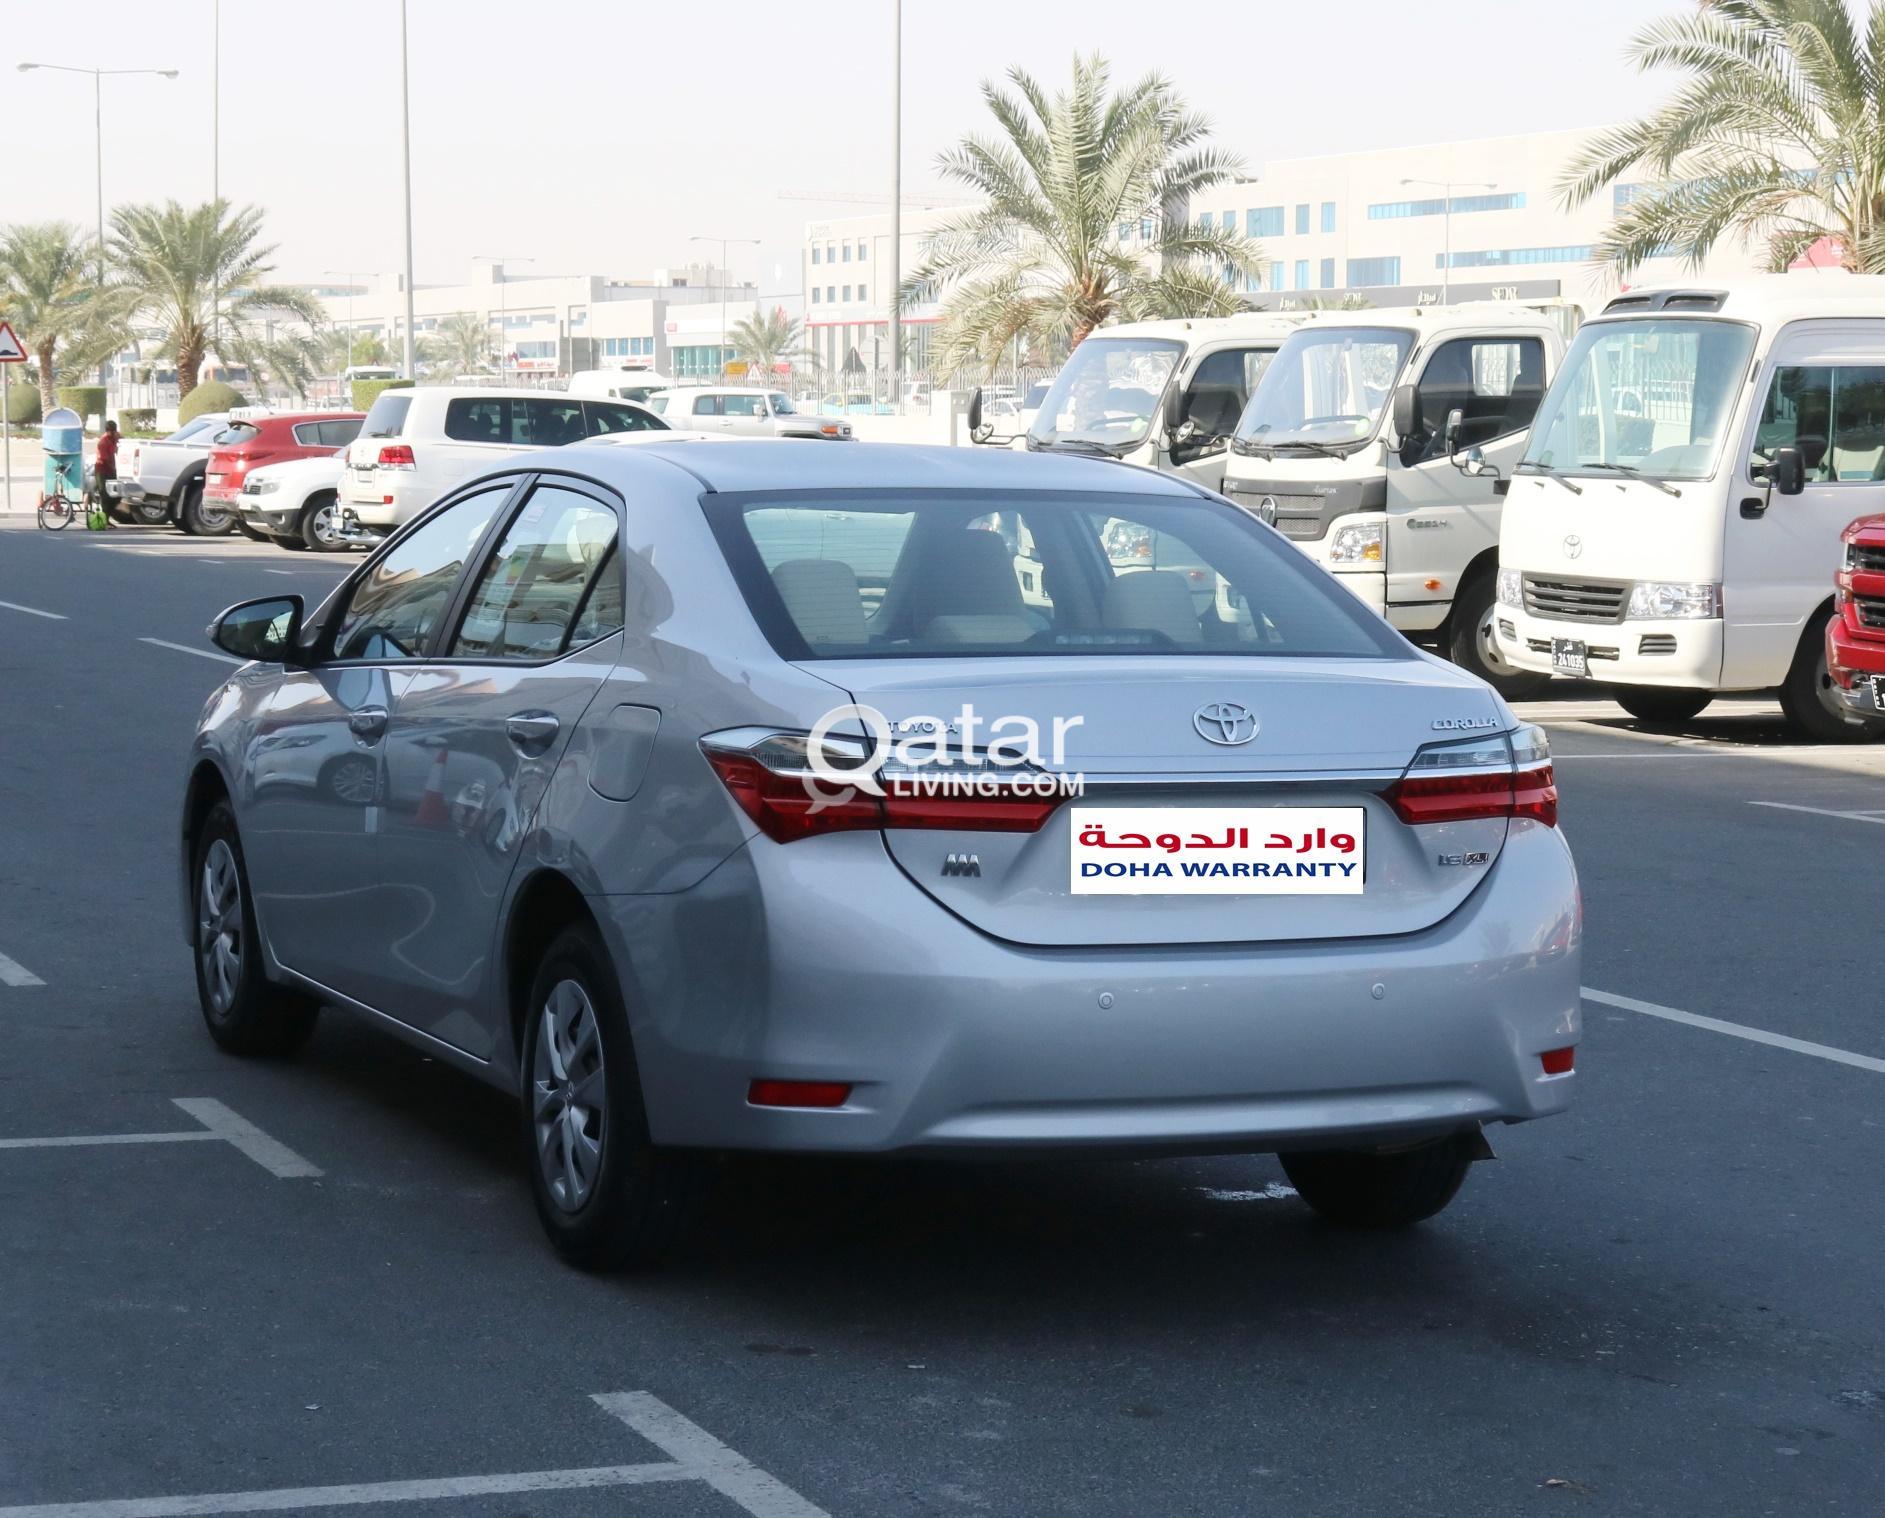 Toyota Corolla 1 6 Xli Model 2019 Qatar Living